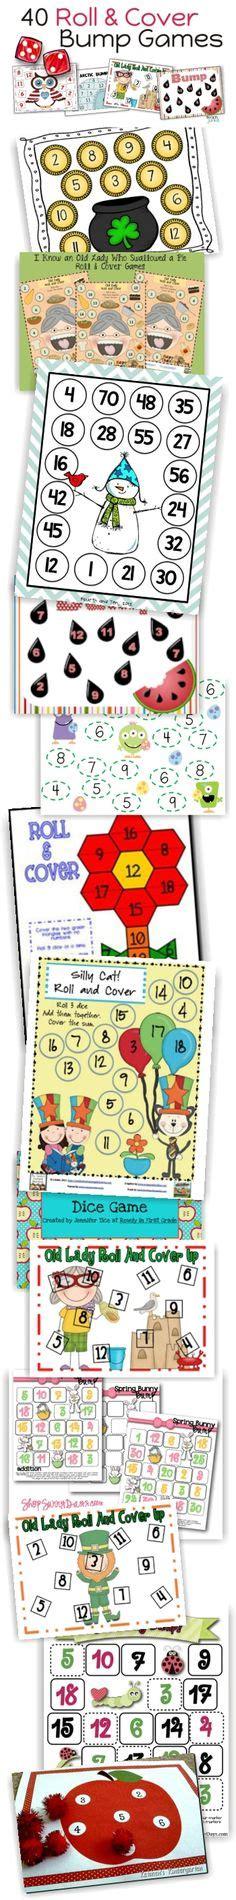 30 best free bump on tpt images in 2012 975 | b4d3abd0b79db3e7d27346e8f2eee7f7 bump games bump math game